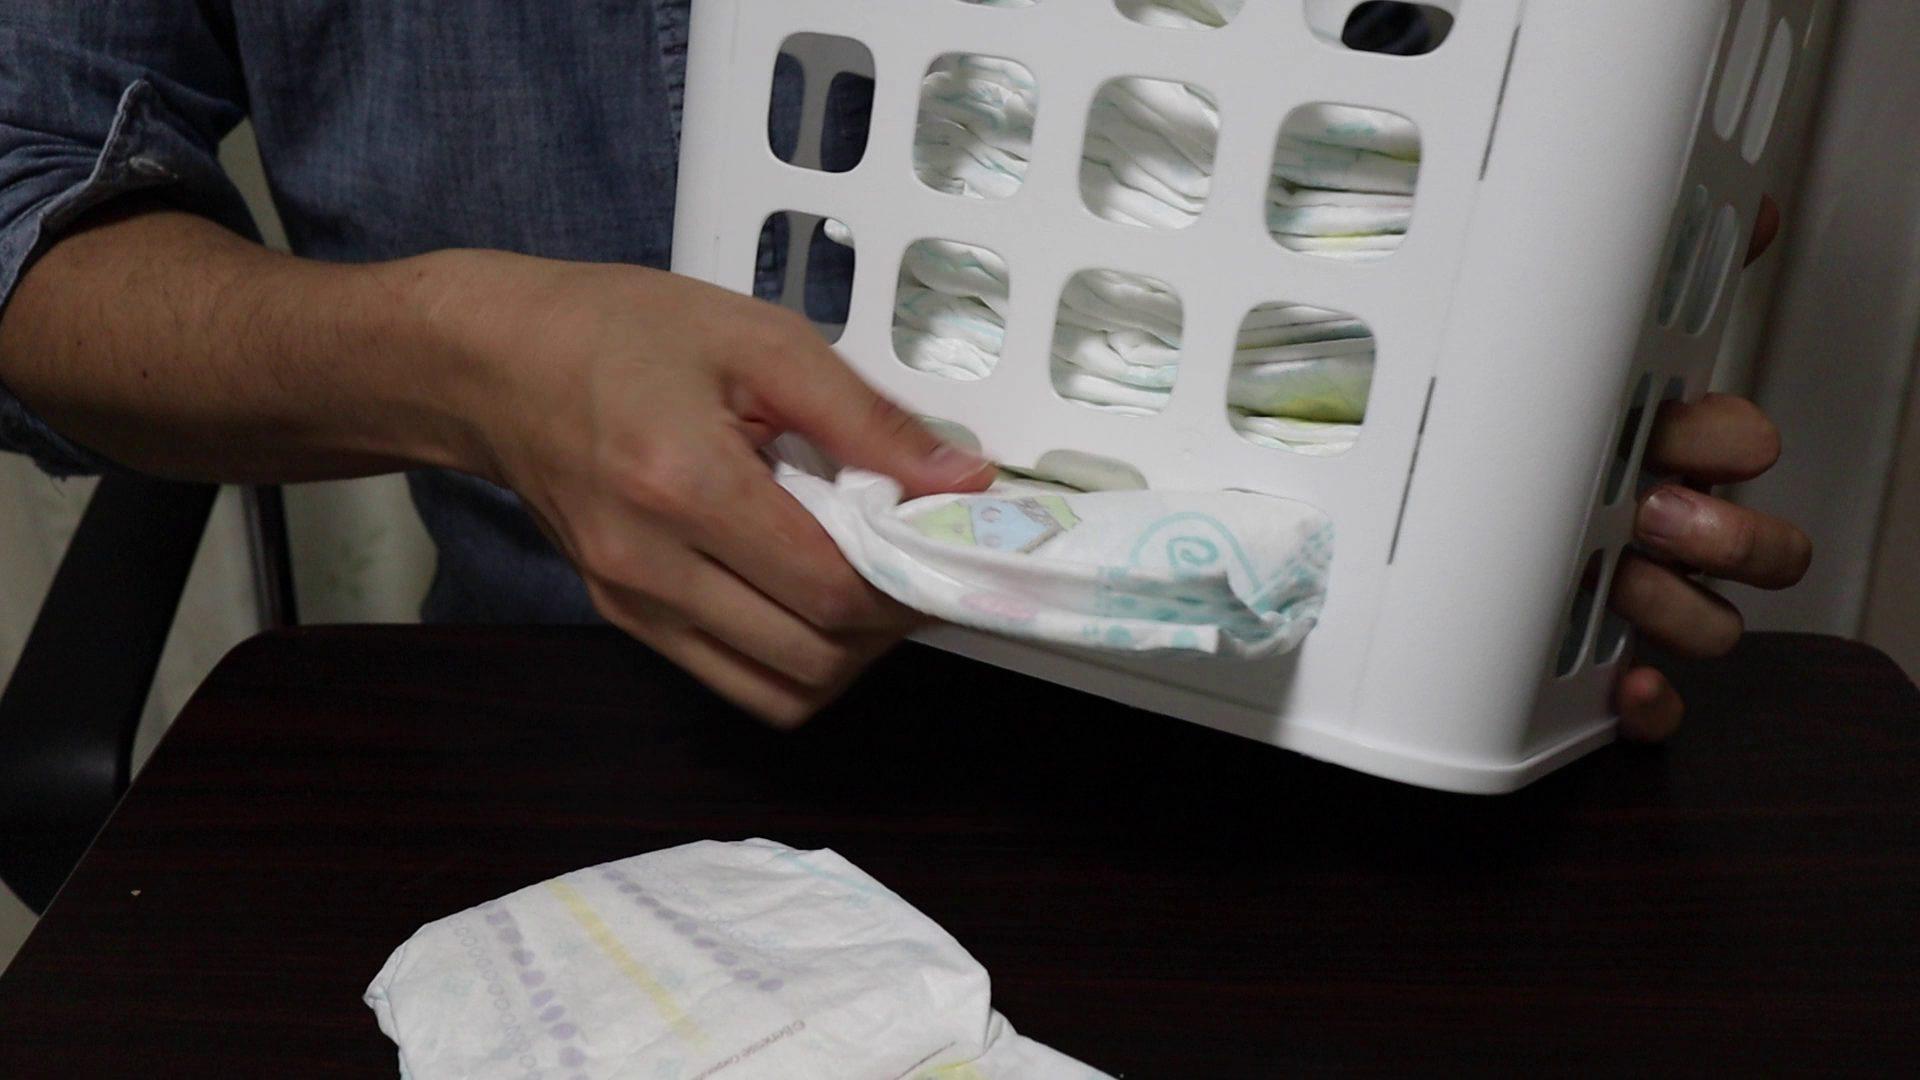 IKEAのゴミ箱を利用して格安オムツストッカーを作る